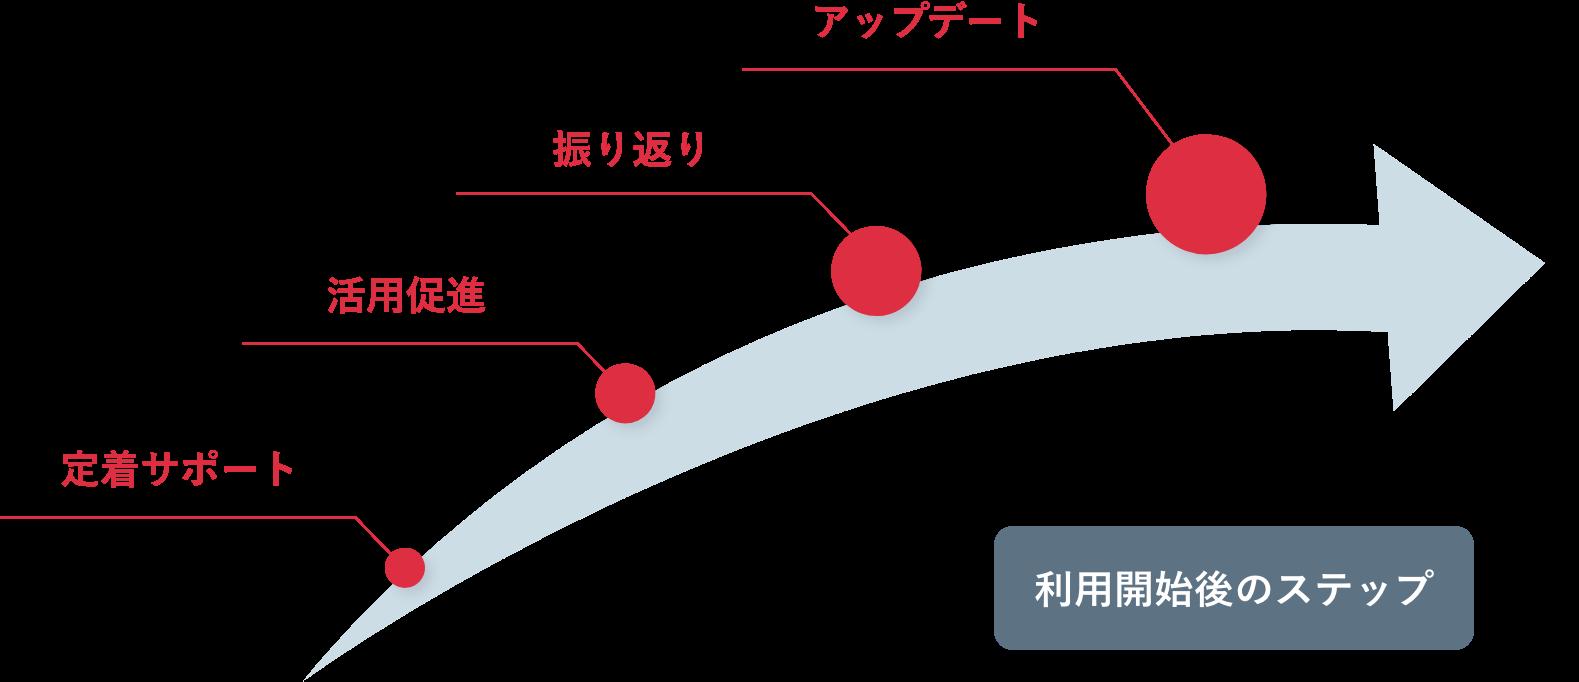 利用開始語のステップ:定着サポート→活用促進→振り返りミーティング→アップデートフォロー